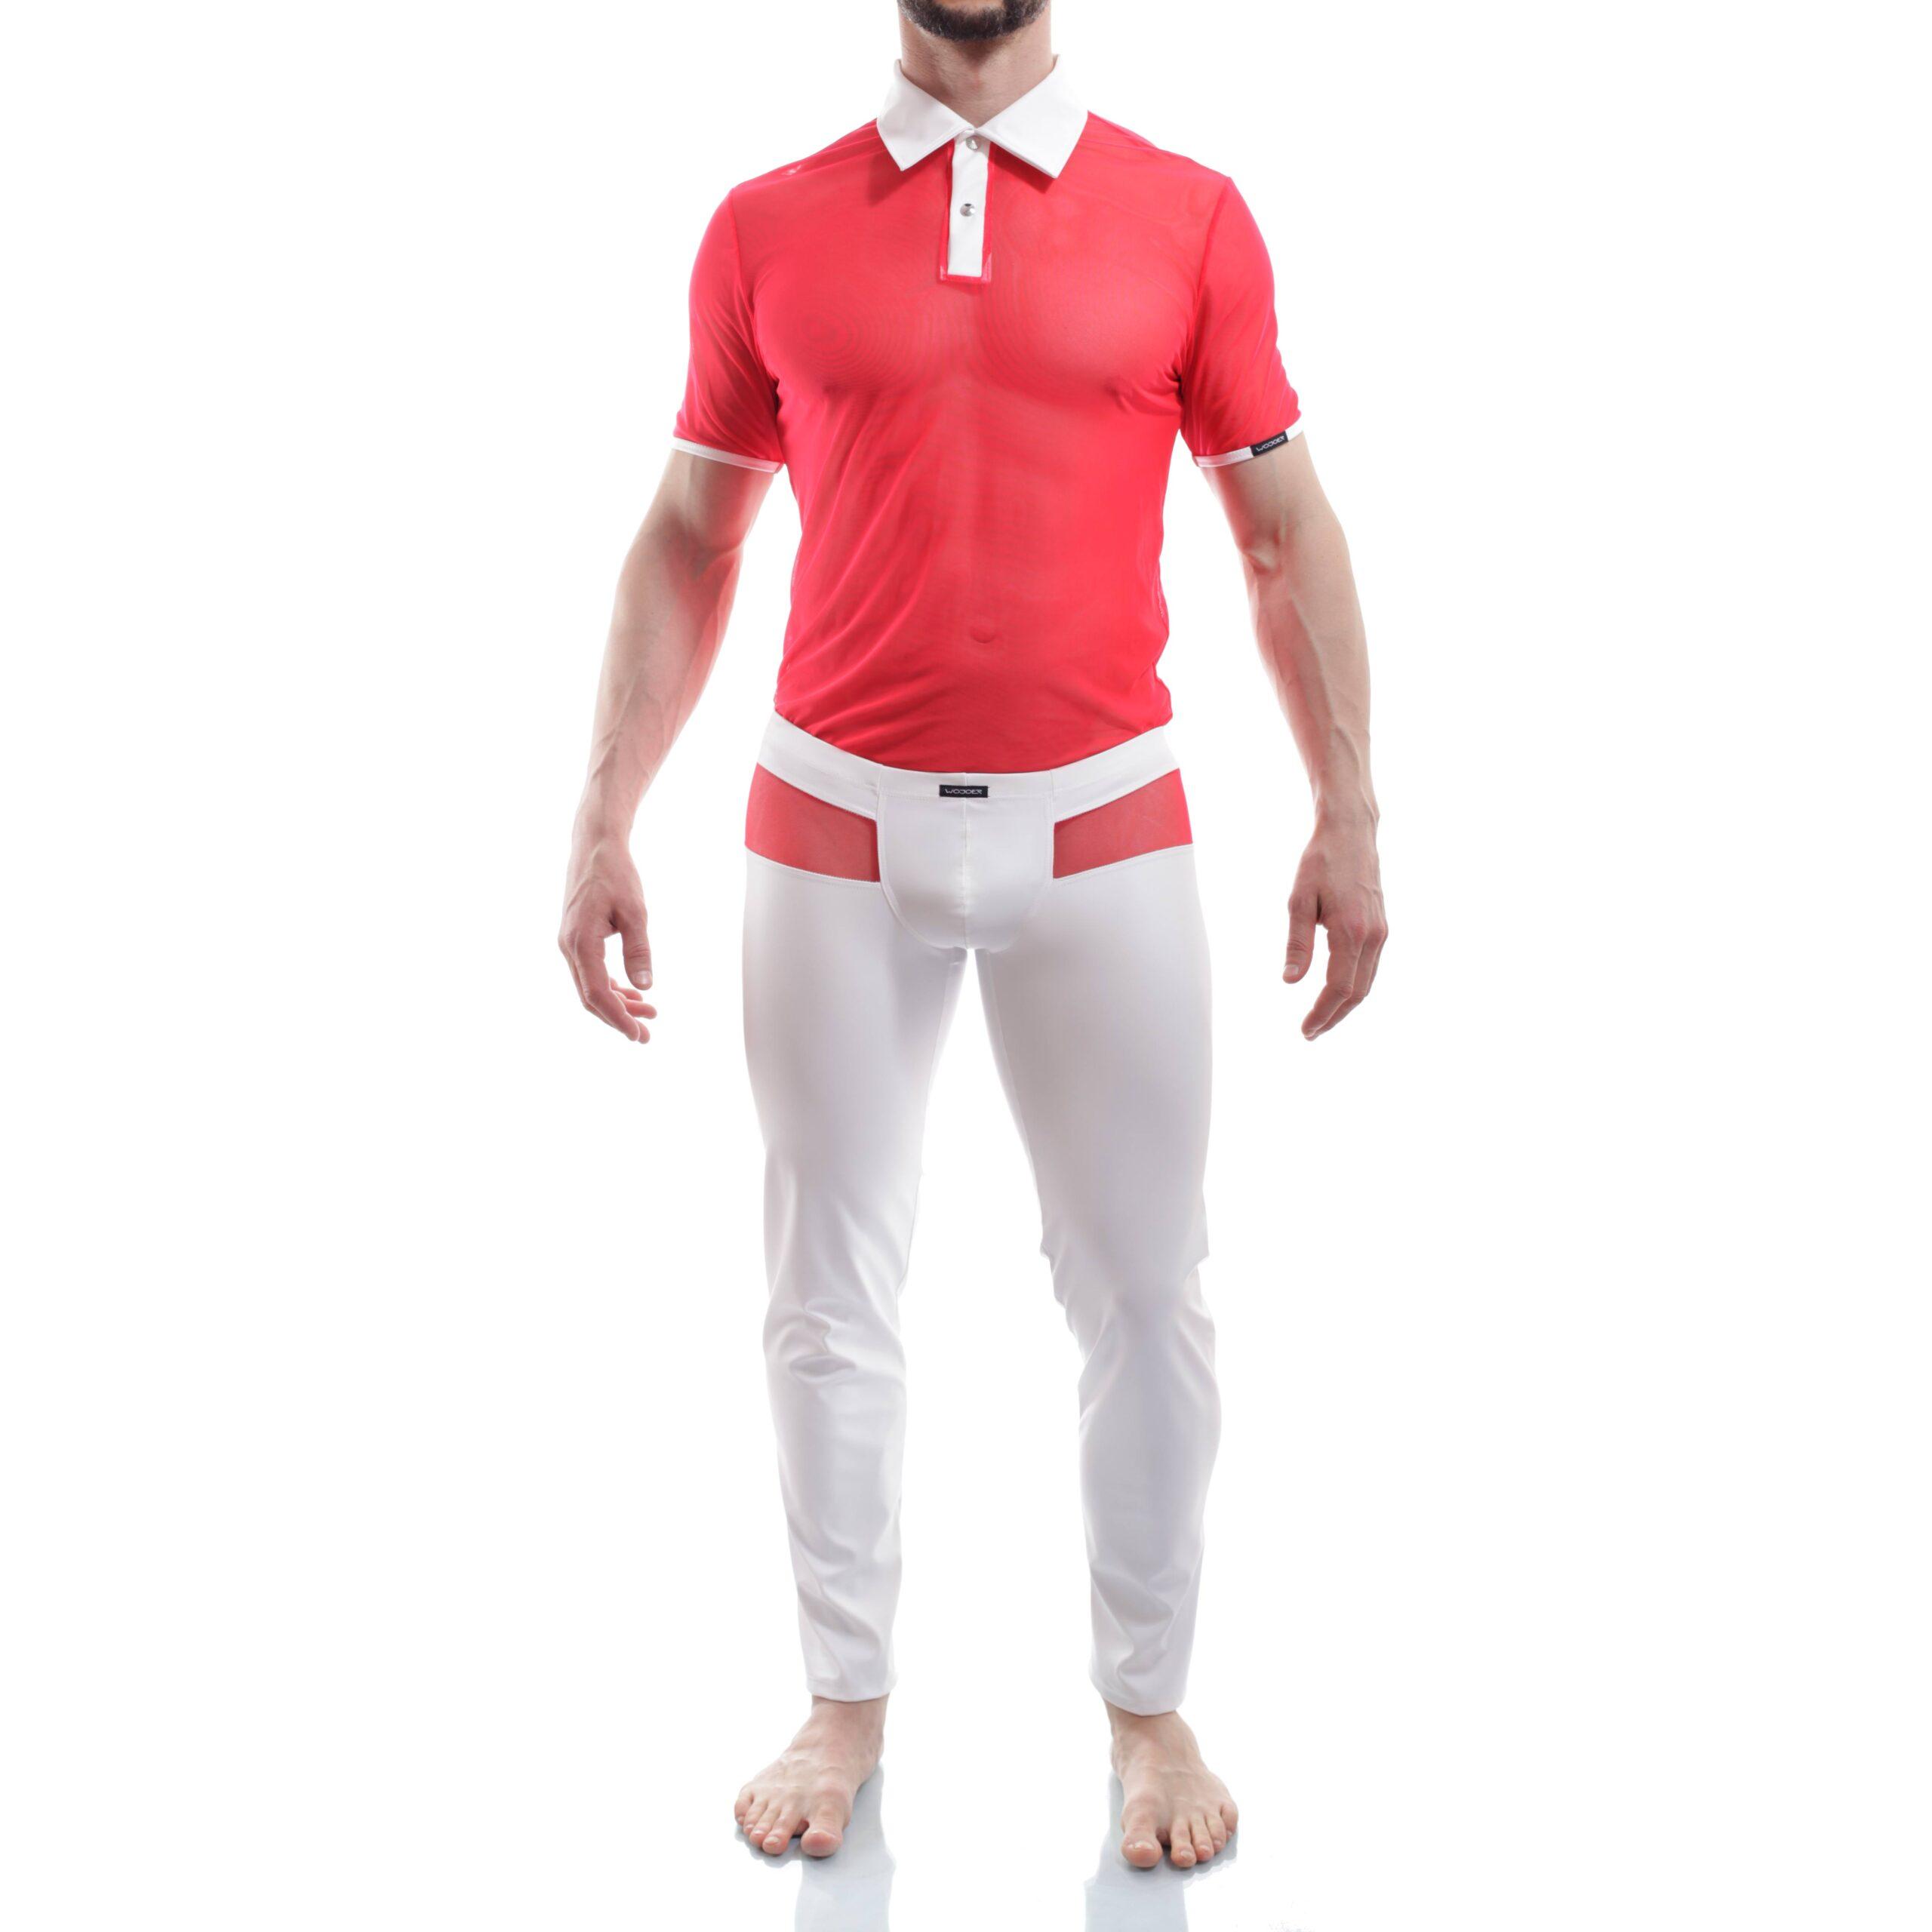 Das Dr. Love Poloshirt 387P1 gehört zu den Wojoer LIVE-Produkten. Sie werden ab Bestellung bei uns produziert. So können wir auf Kundenwünsche individuell eingehen. Größen Erhältlich in den Größen S, M, L, XL Materialzusammensetzung rotes Netz: 94% Polyester, 6% Elasthan  Weiß: 100% Polyester, 100% Polyurethan Besonderheiten LIVE-Produkt…